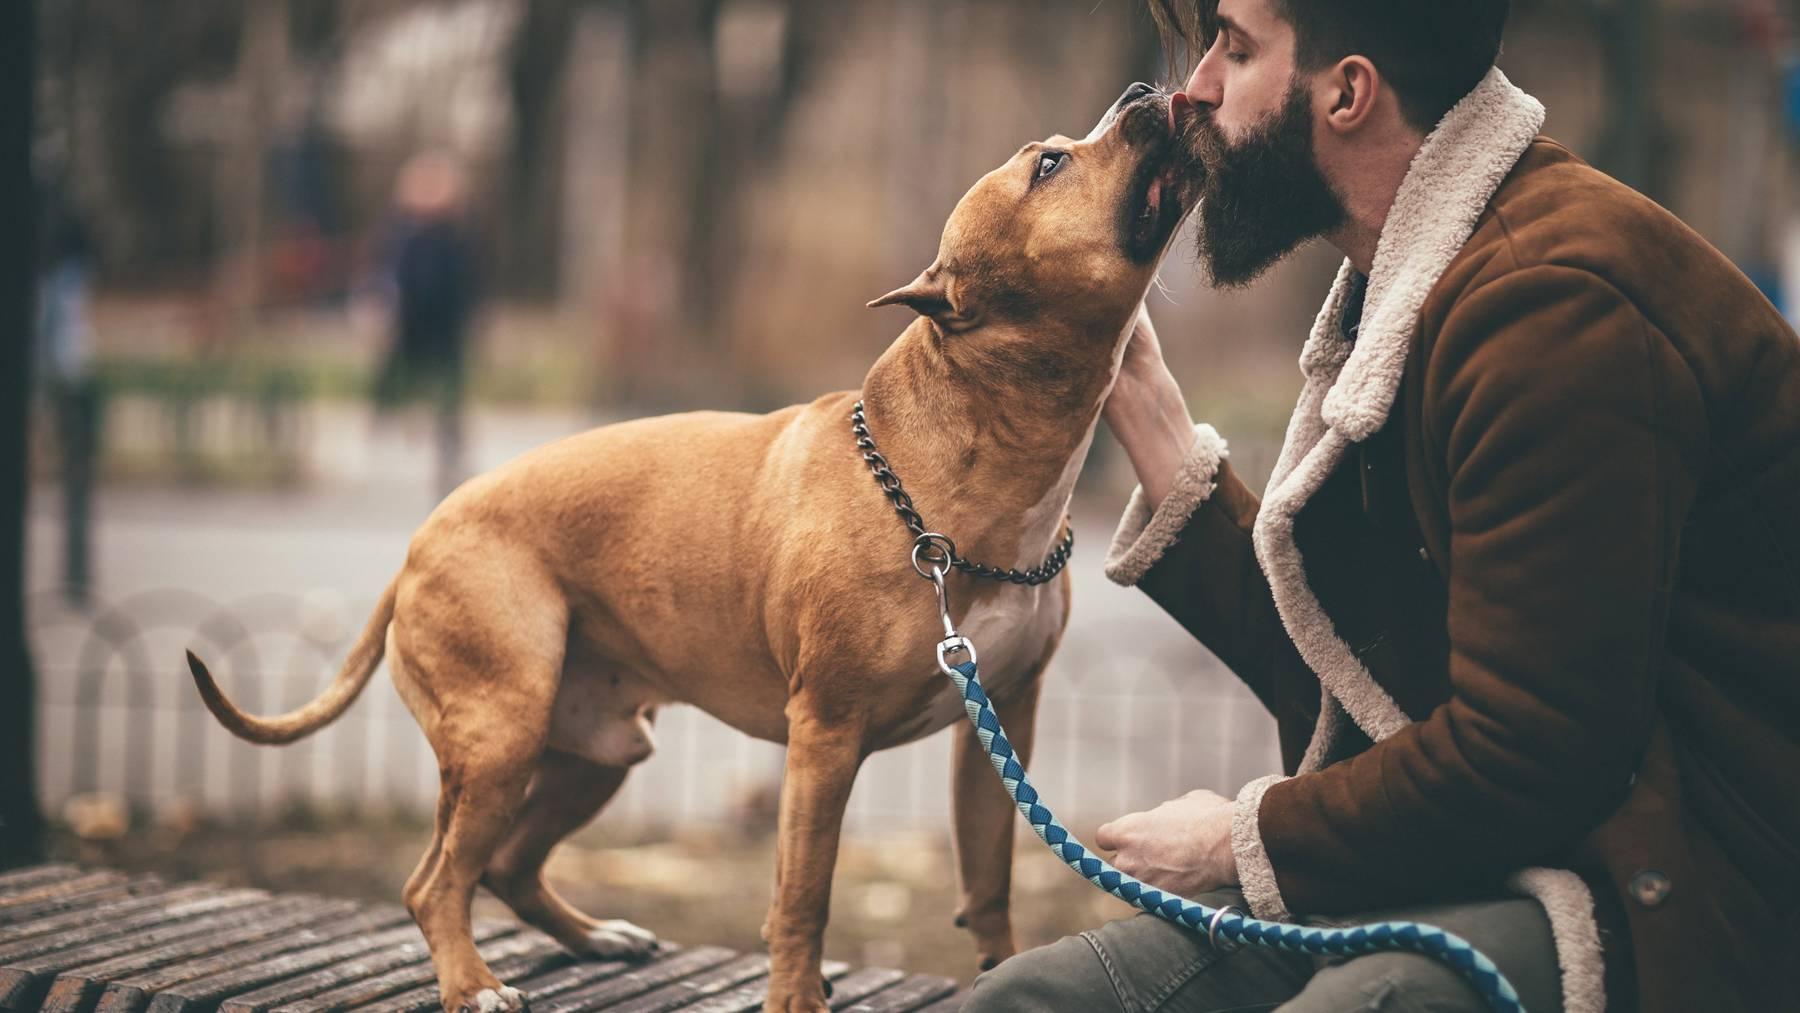 Das Fell eines Hundes ist hygienischer als der Bart eines Mannes.